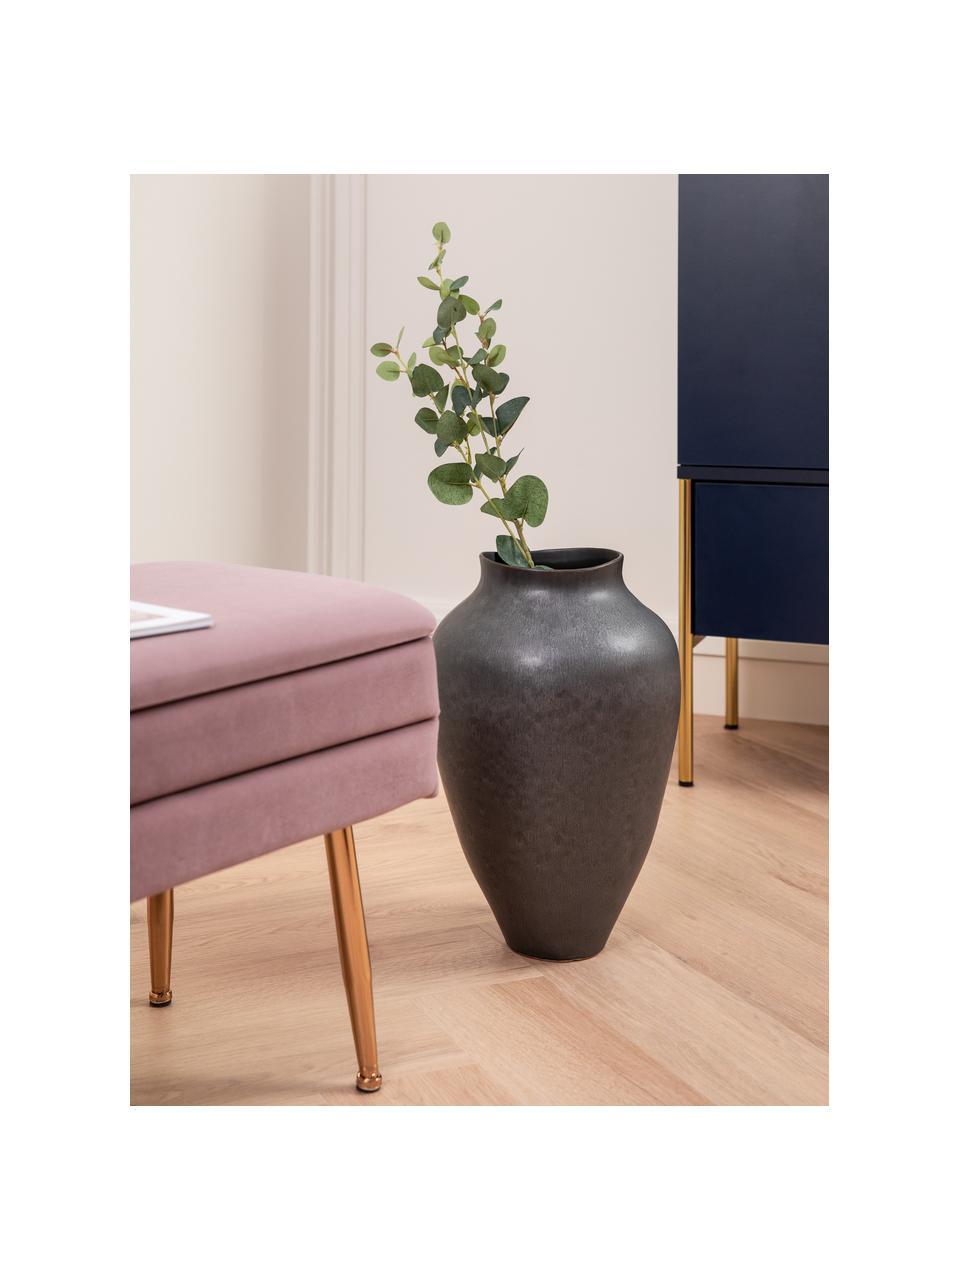 Sztuczny kwiat Eukalyptuszweig, Tworzywo sztuczne, Zielony, D 79 cm